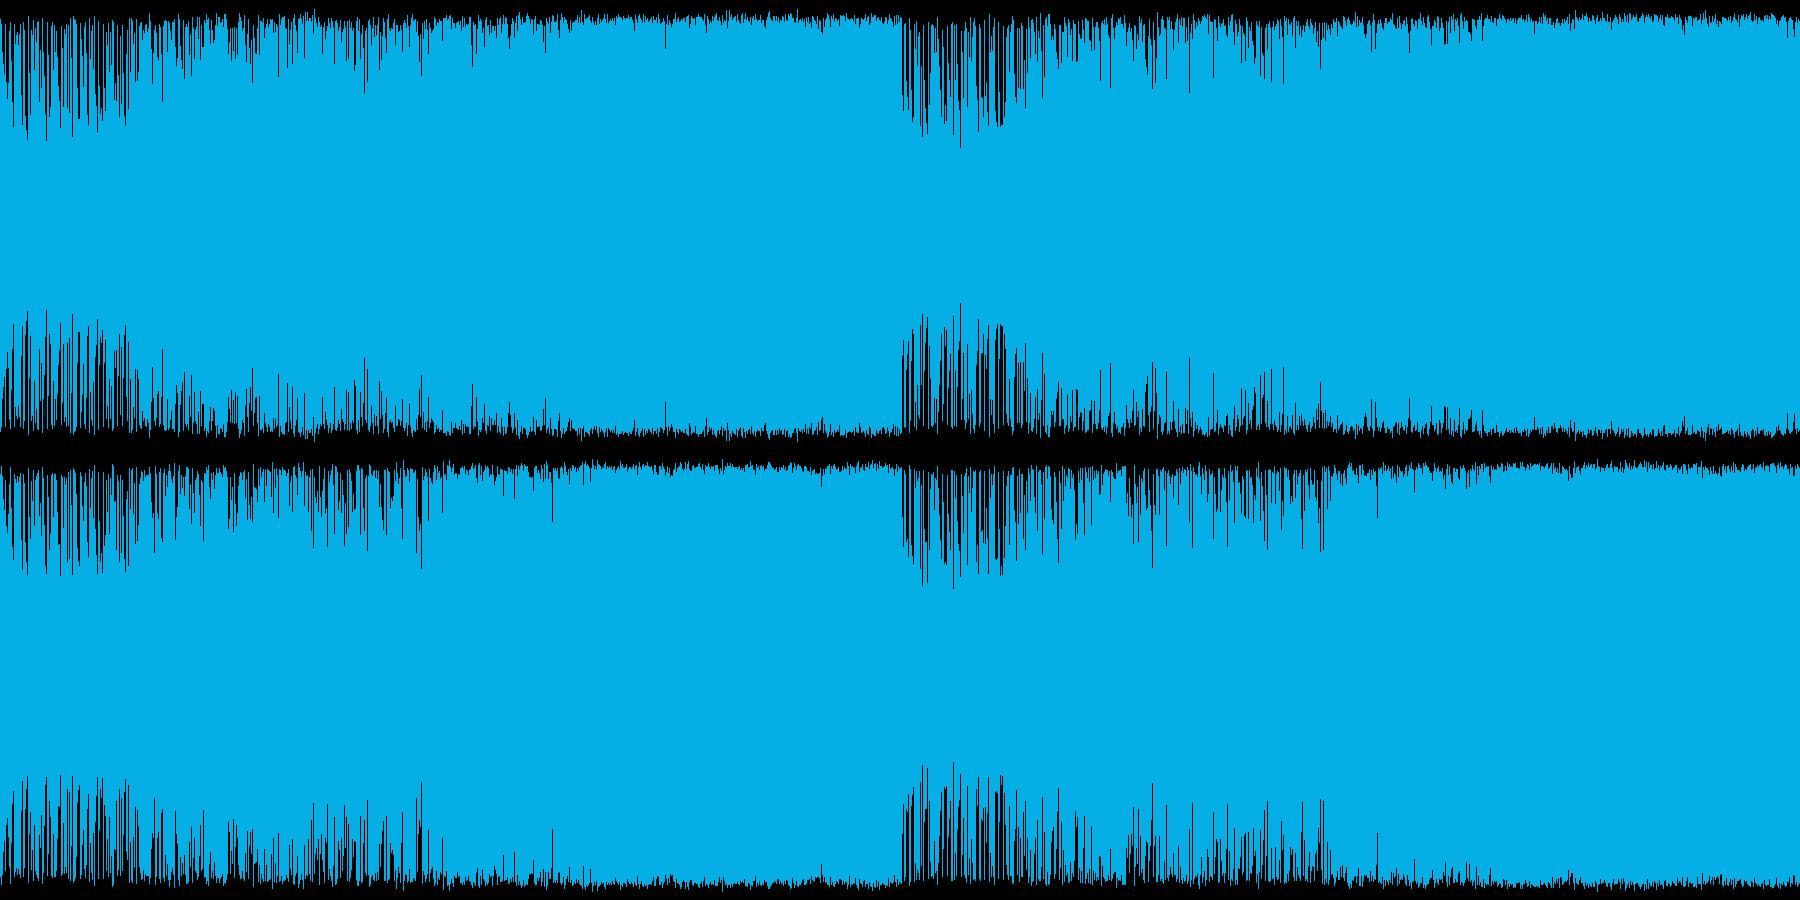 【ループ用】聴きやすさ重視のアップテン…の再生済みの波形